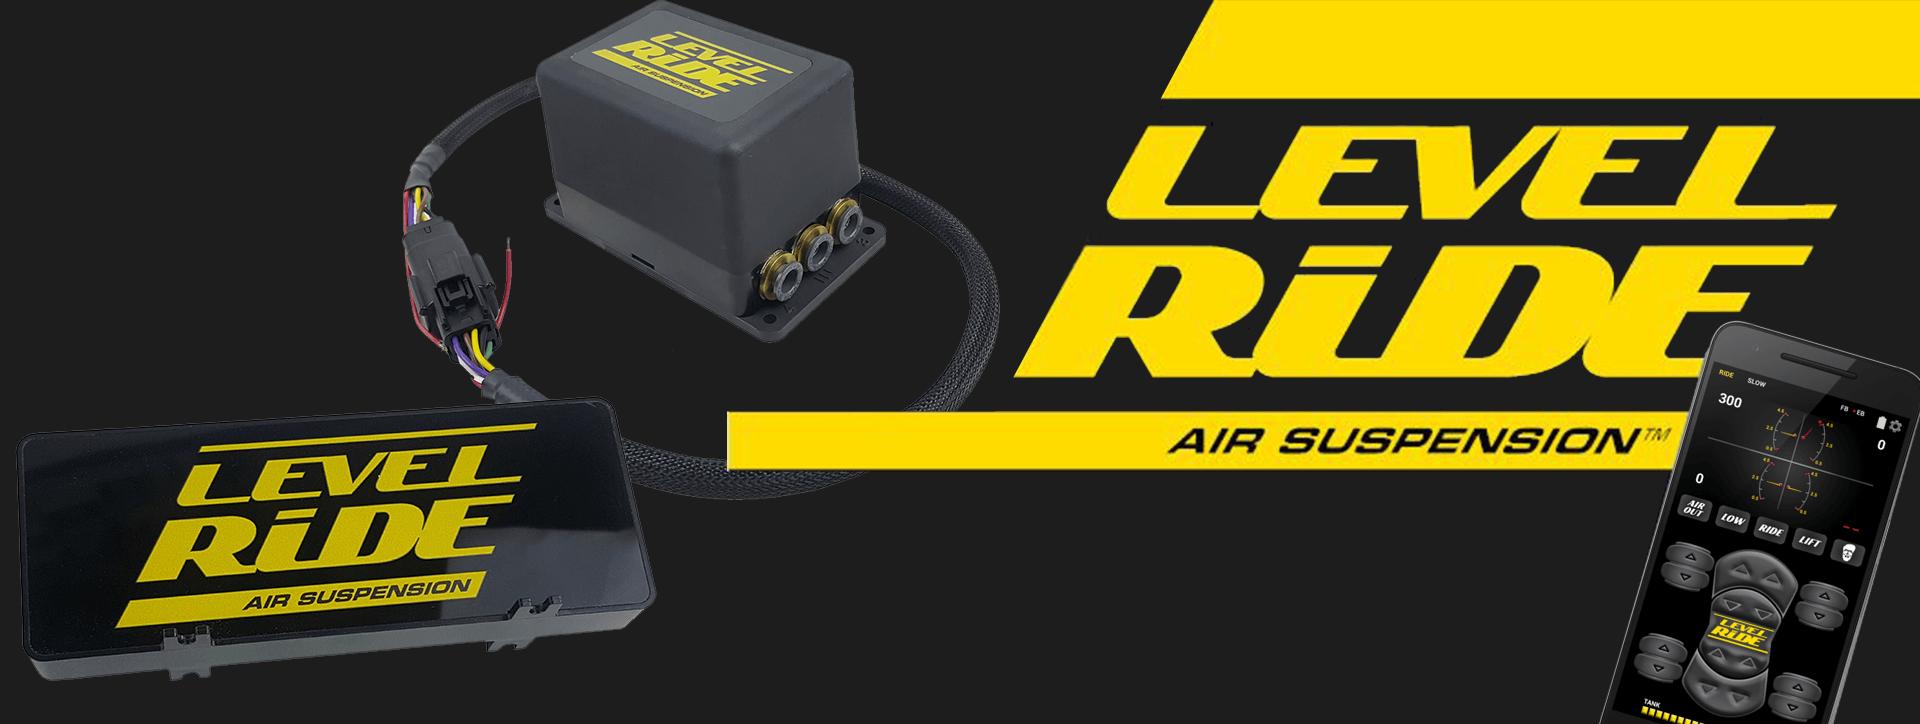 Level Ride Air Suspension